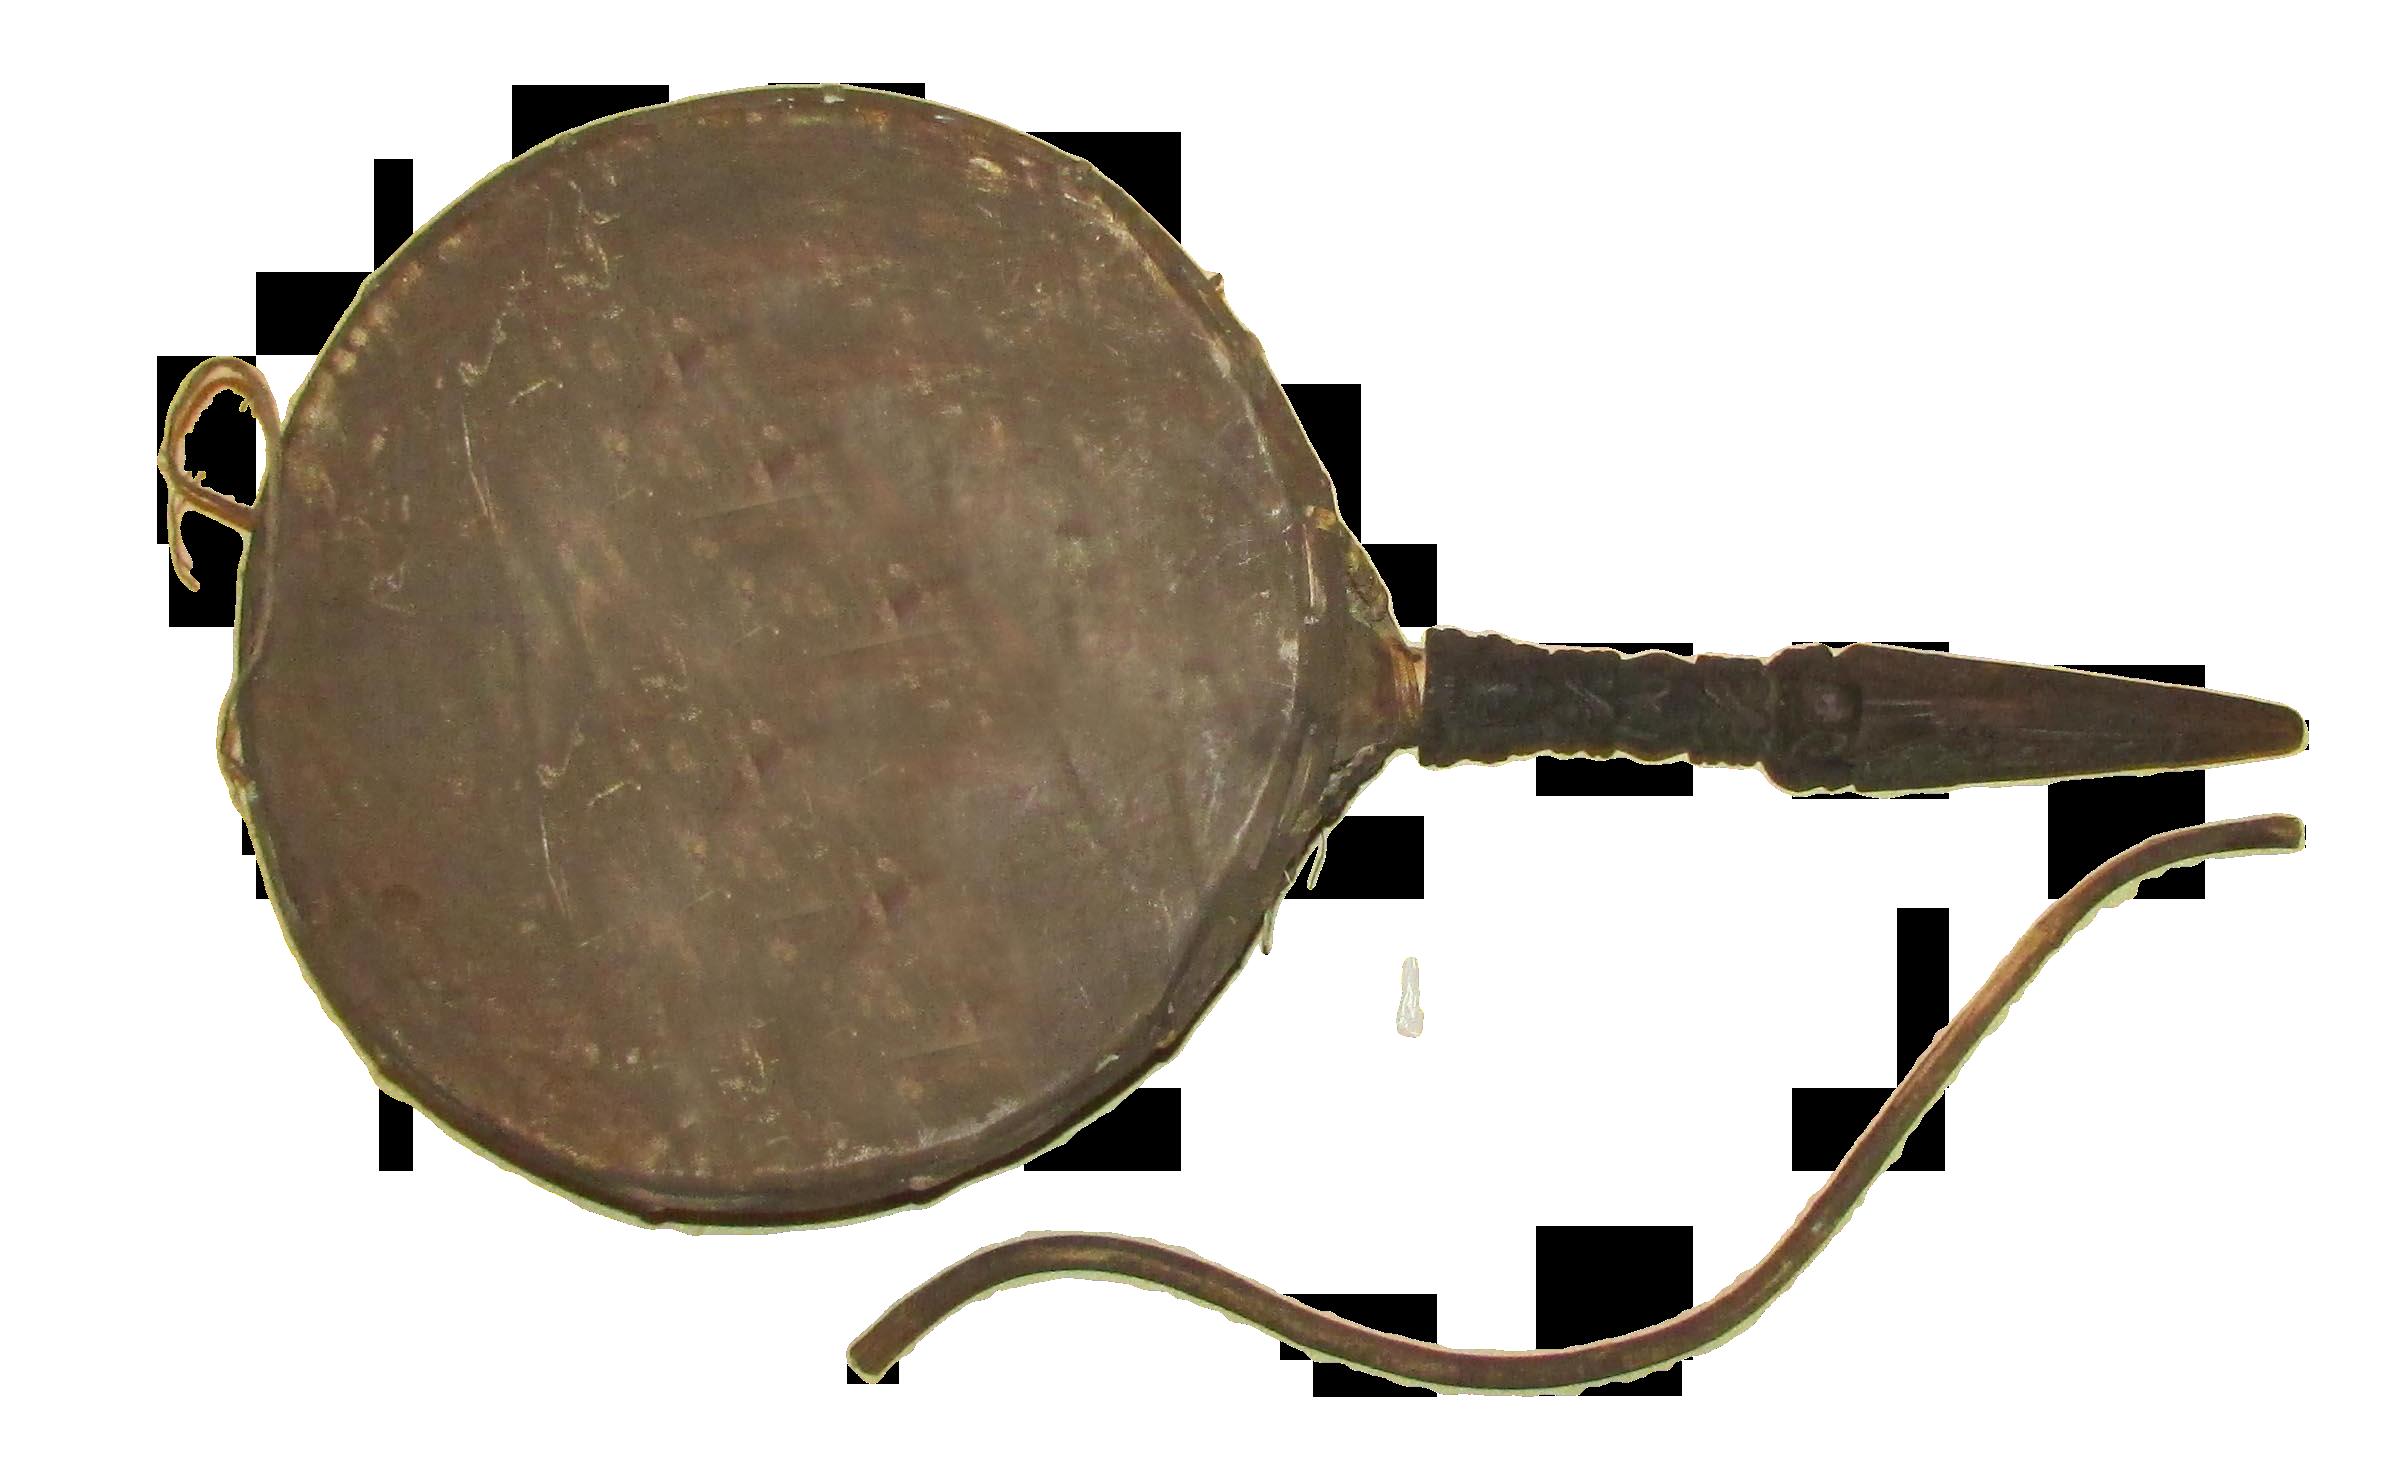 shamandrum1